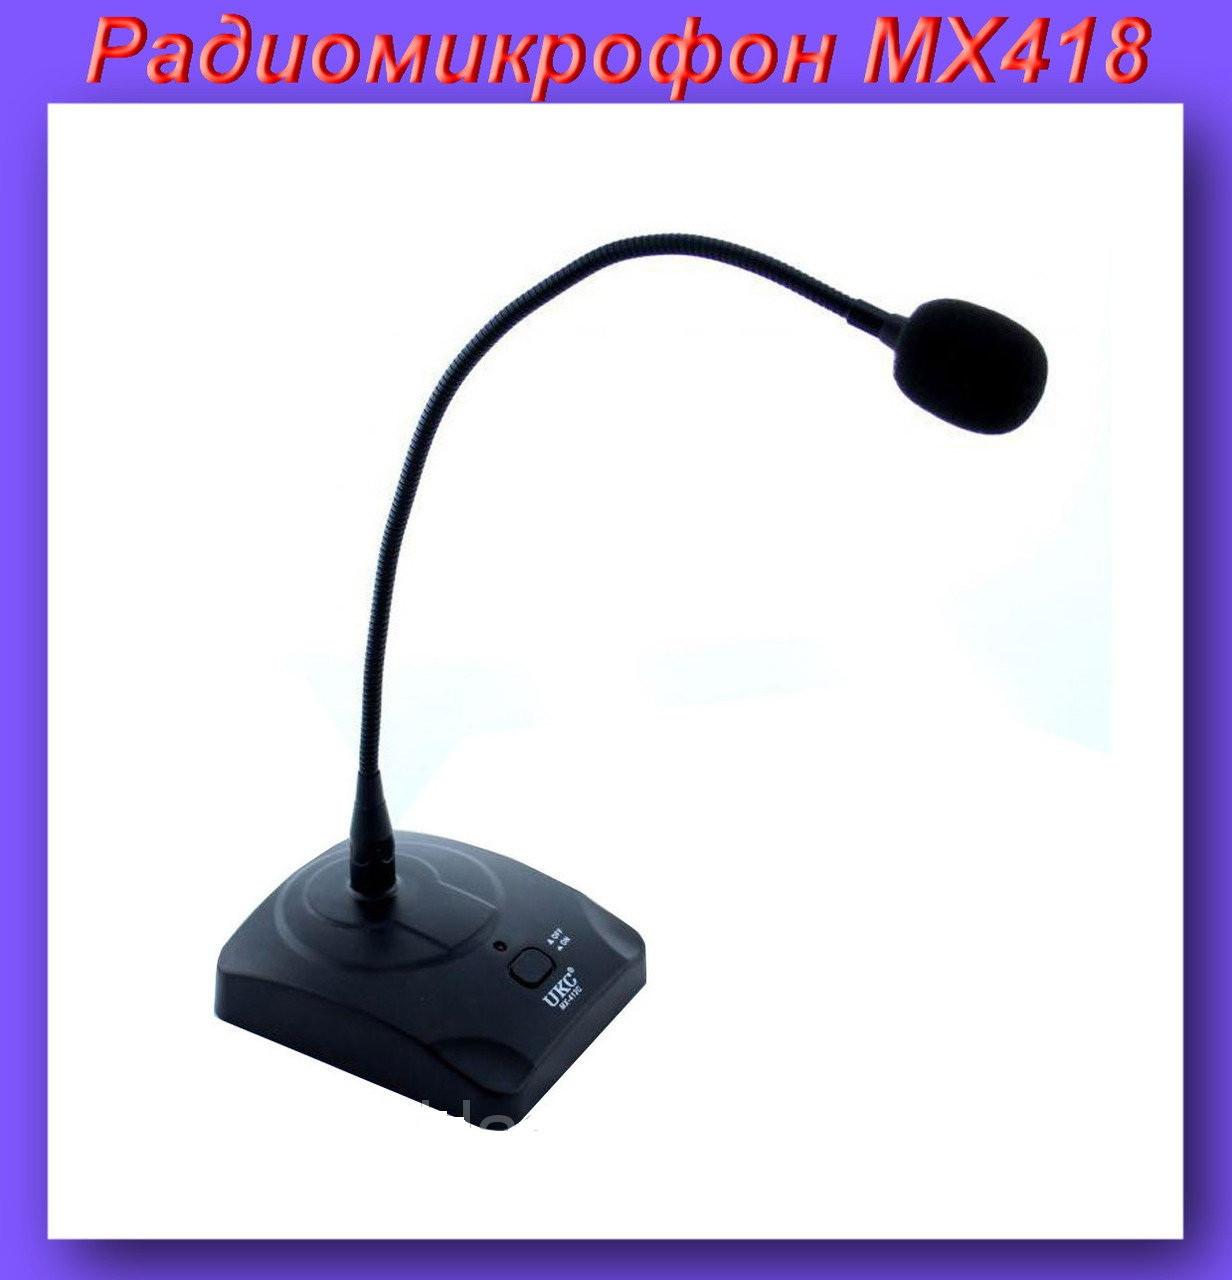 Радиомикрофон Shure MX418,Микрофон для конференций Shure